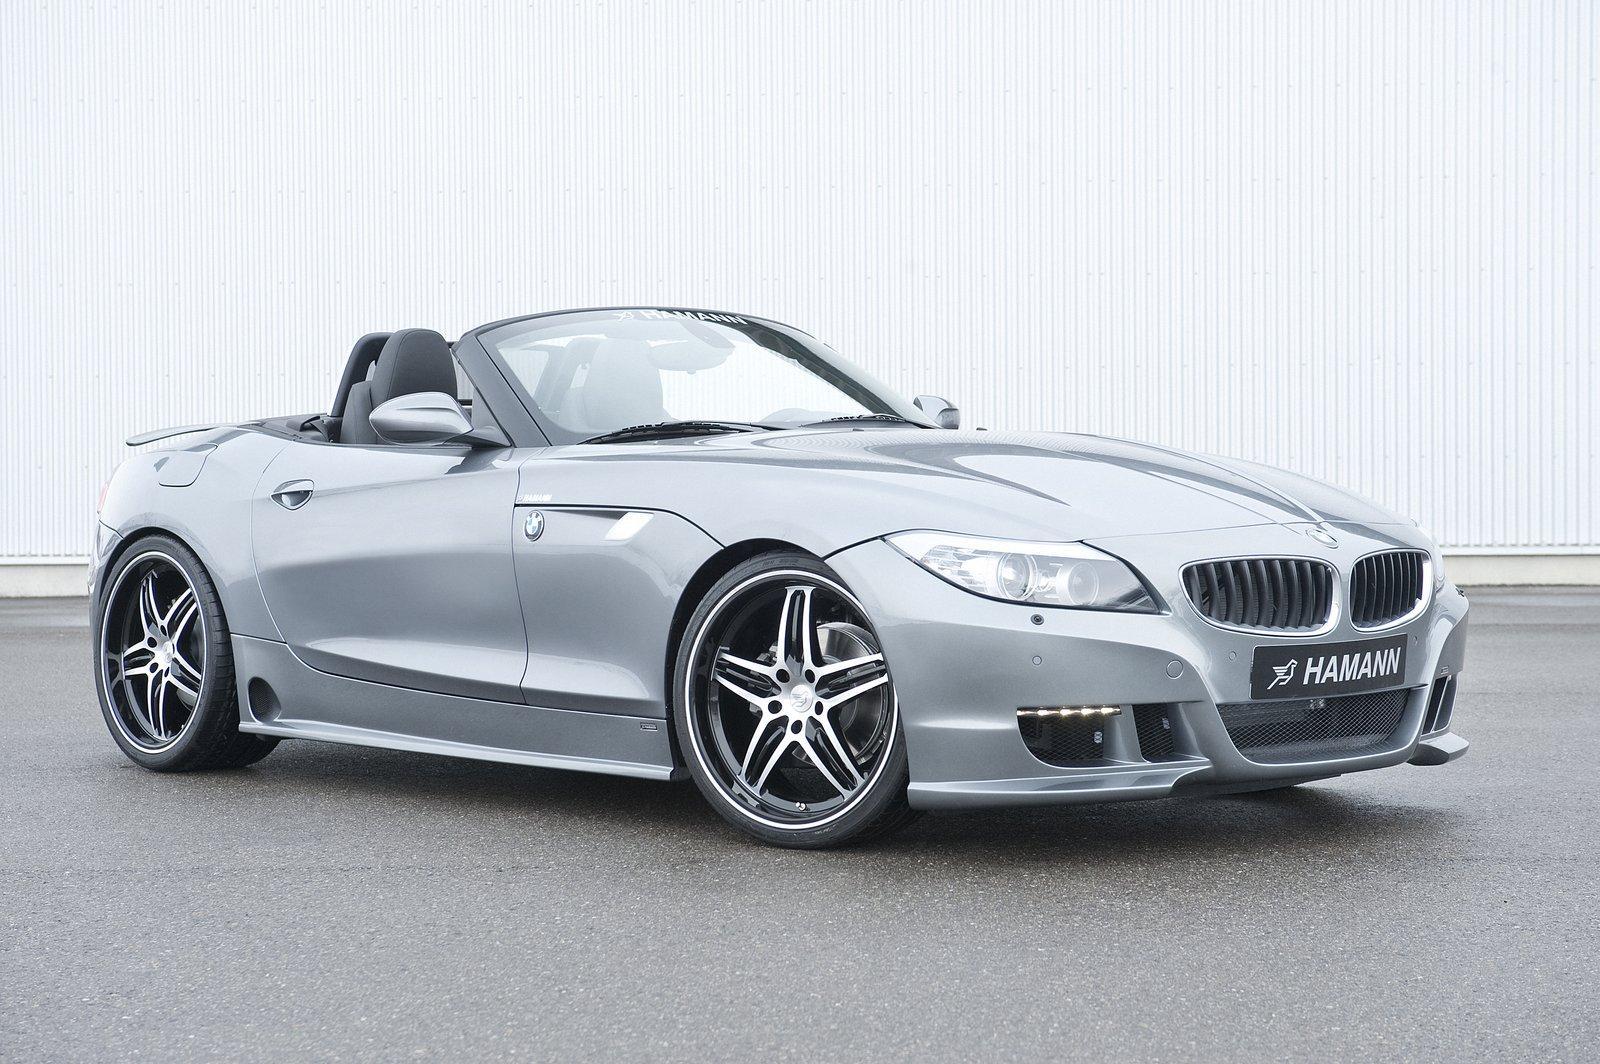 Hamann BMW Z4 E89